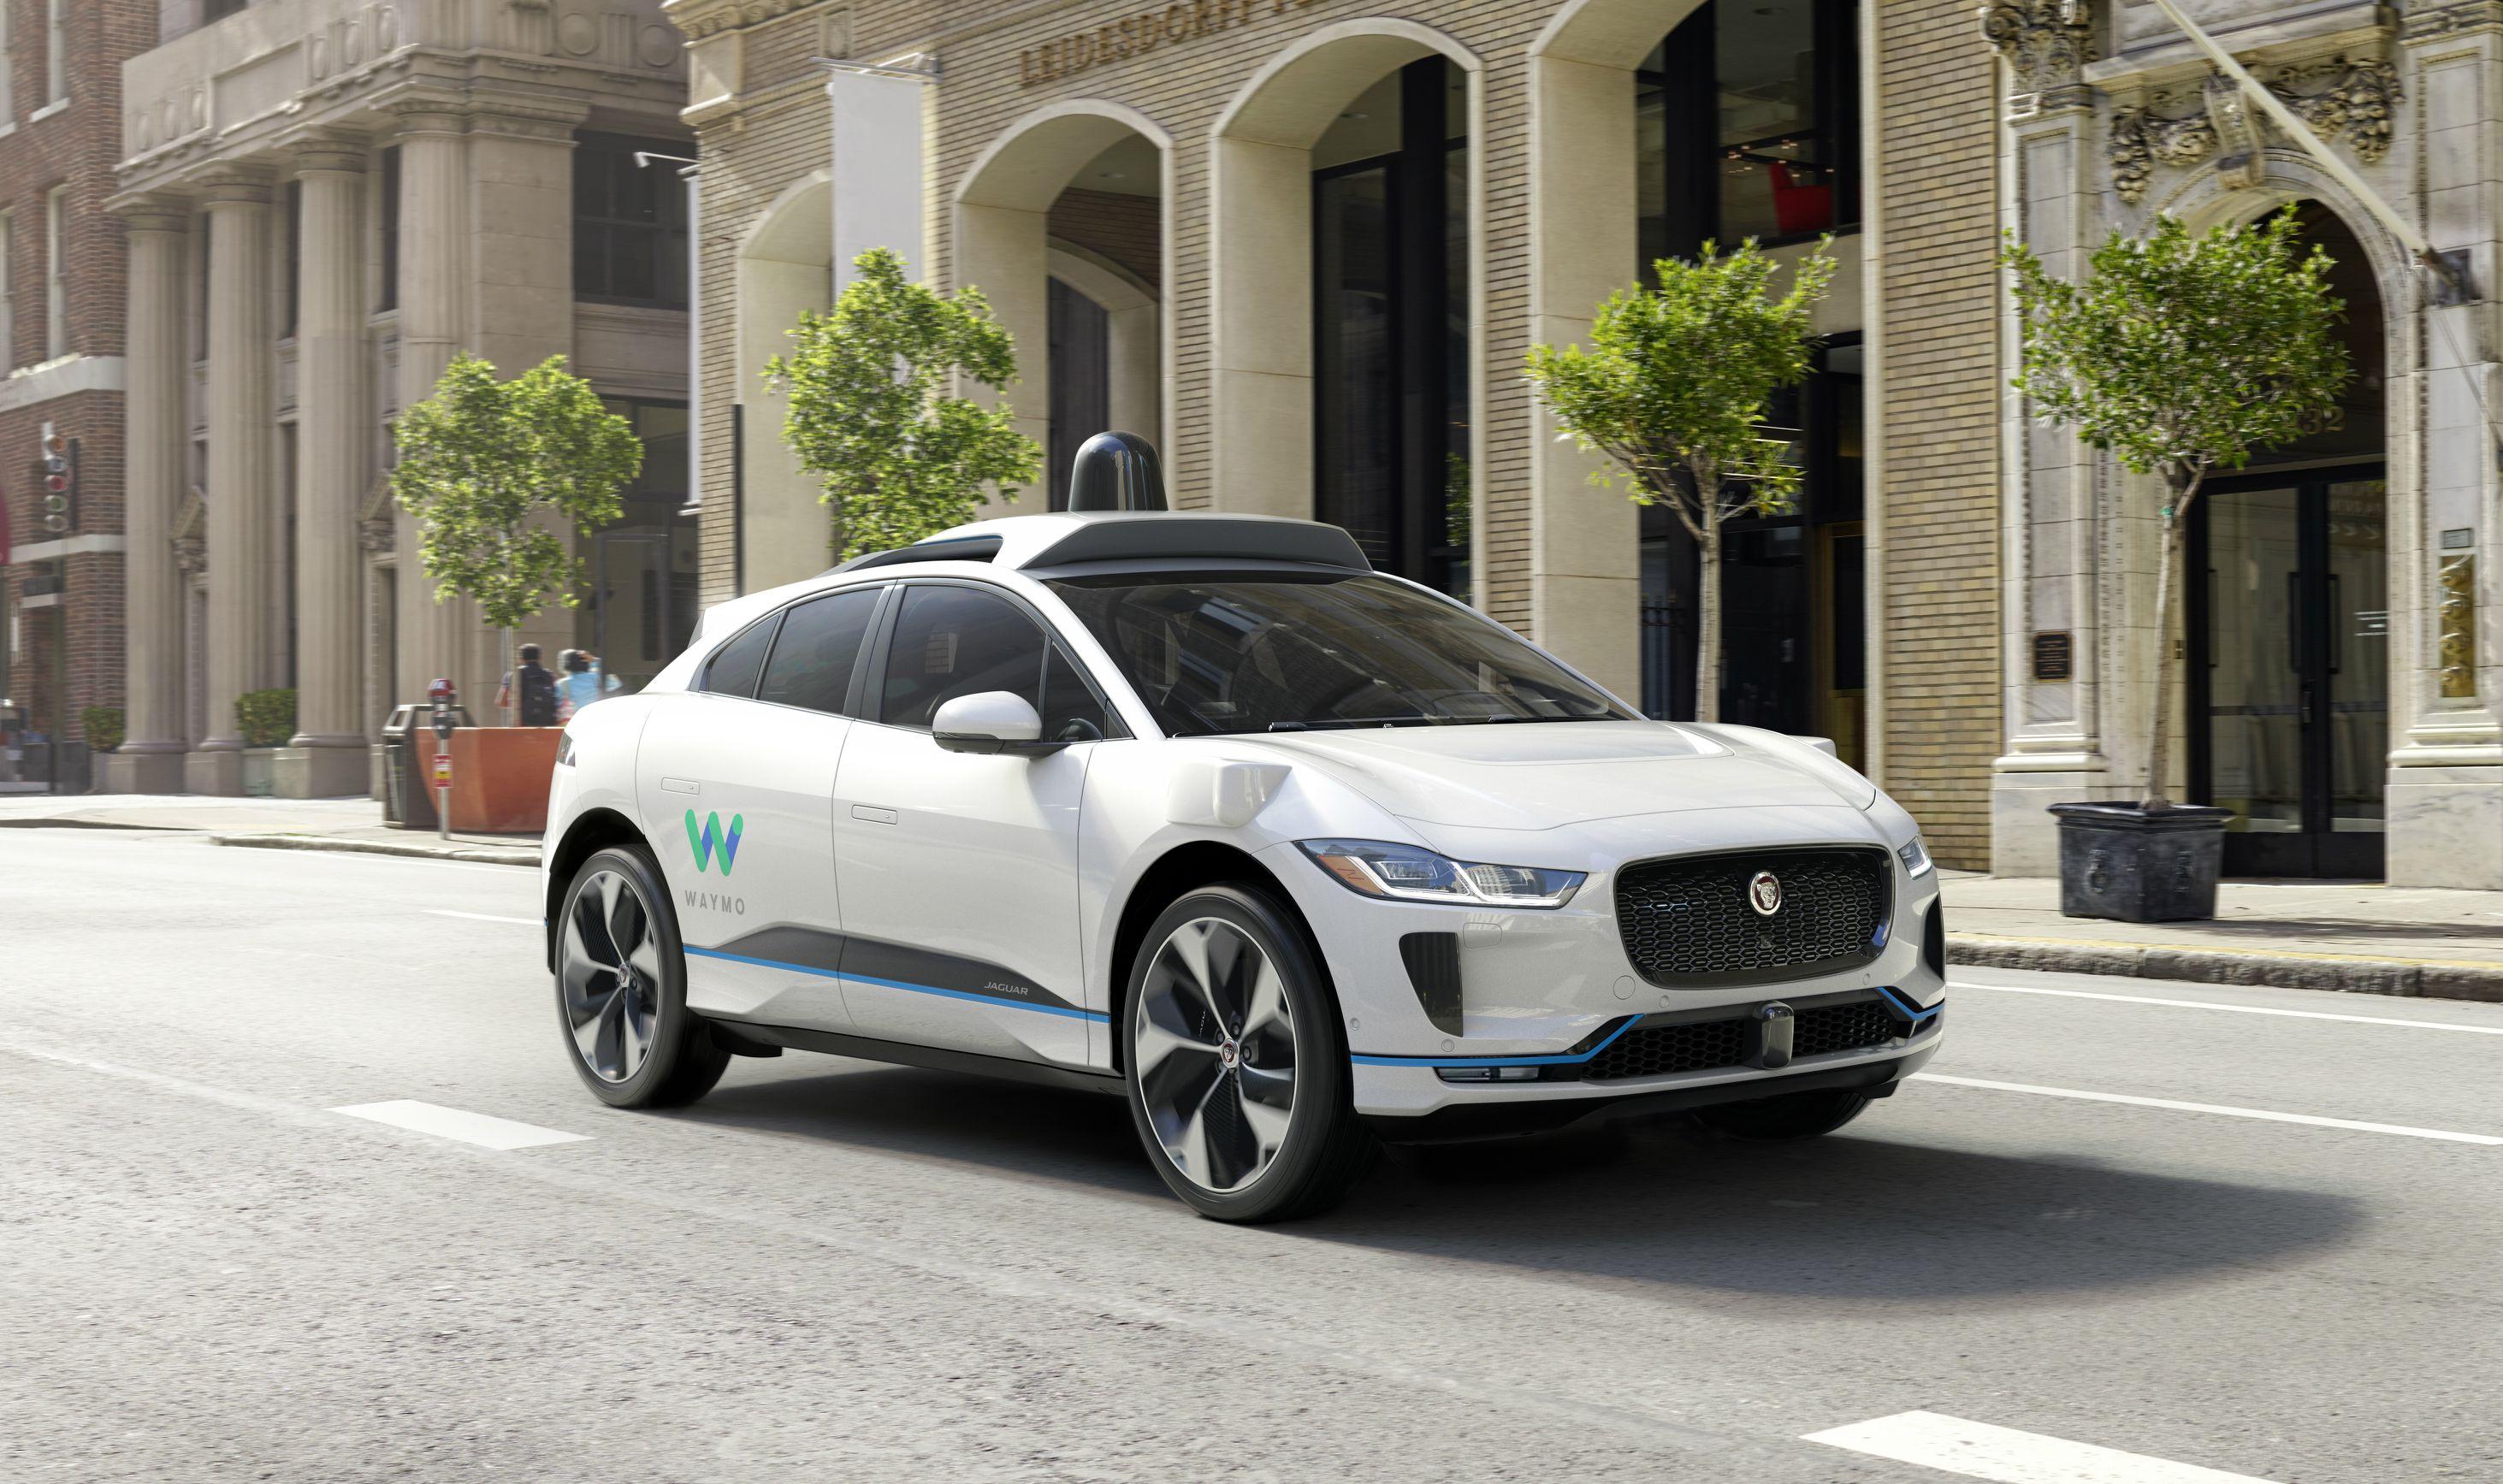 Waymo Jaguar I-Pace self-driving car